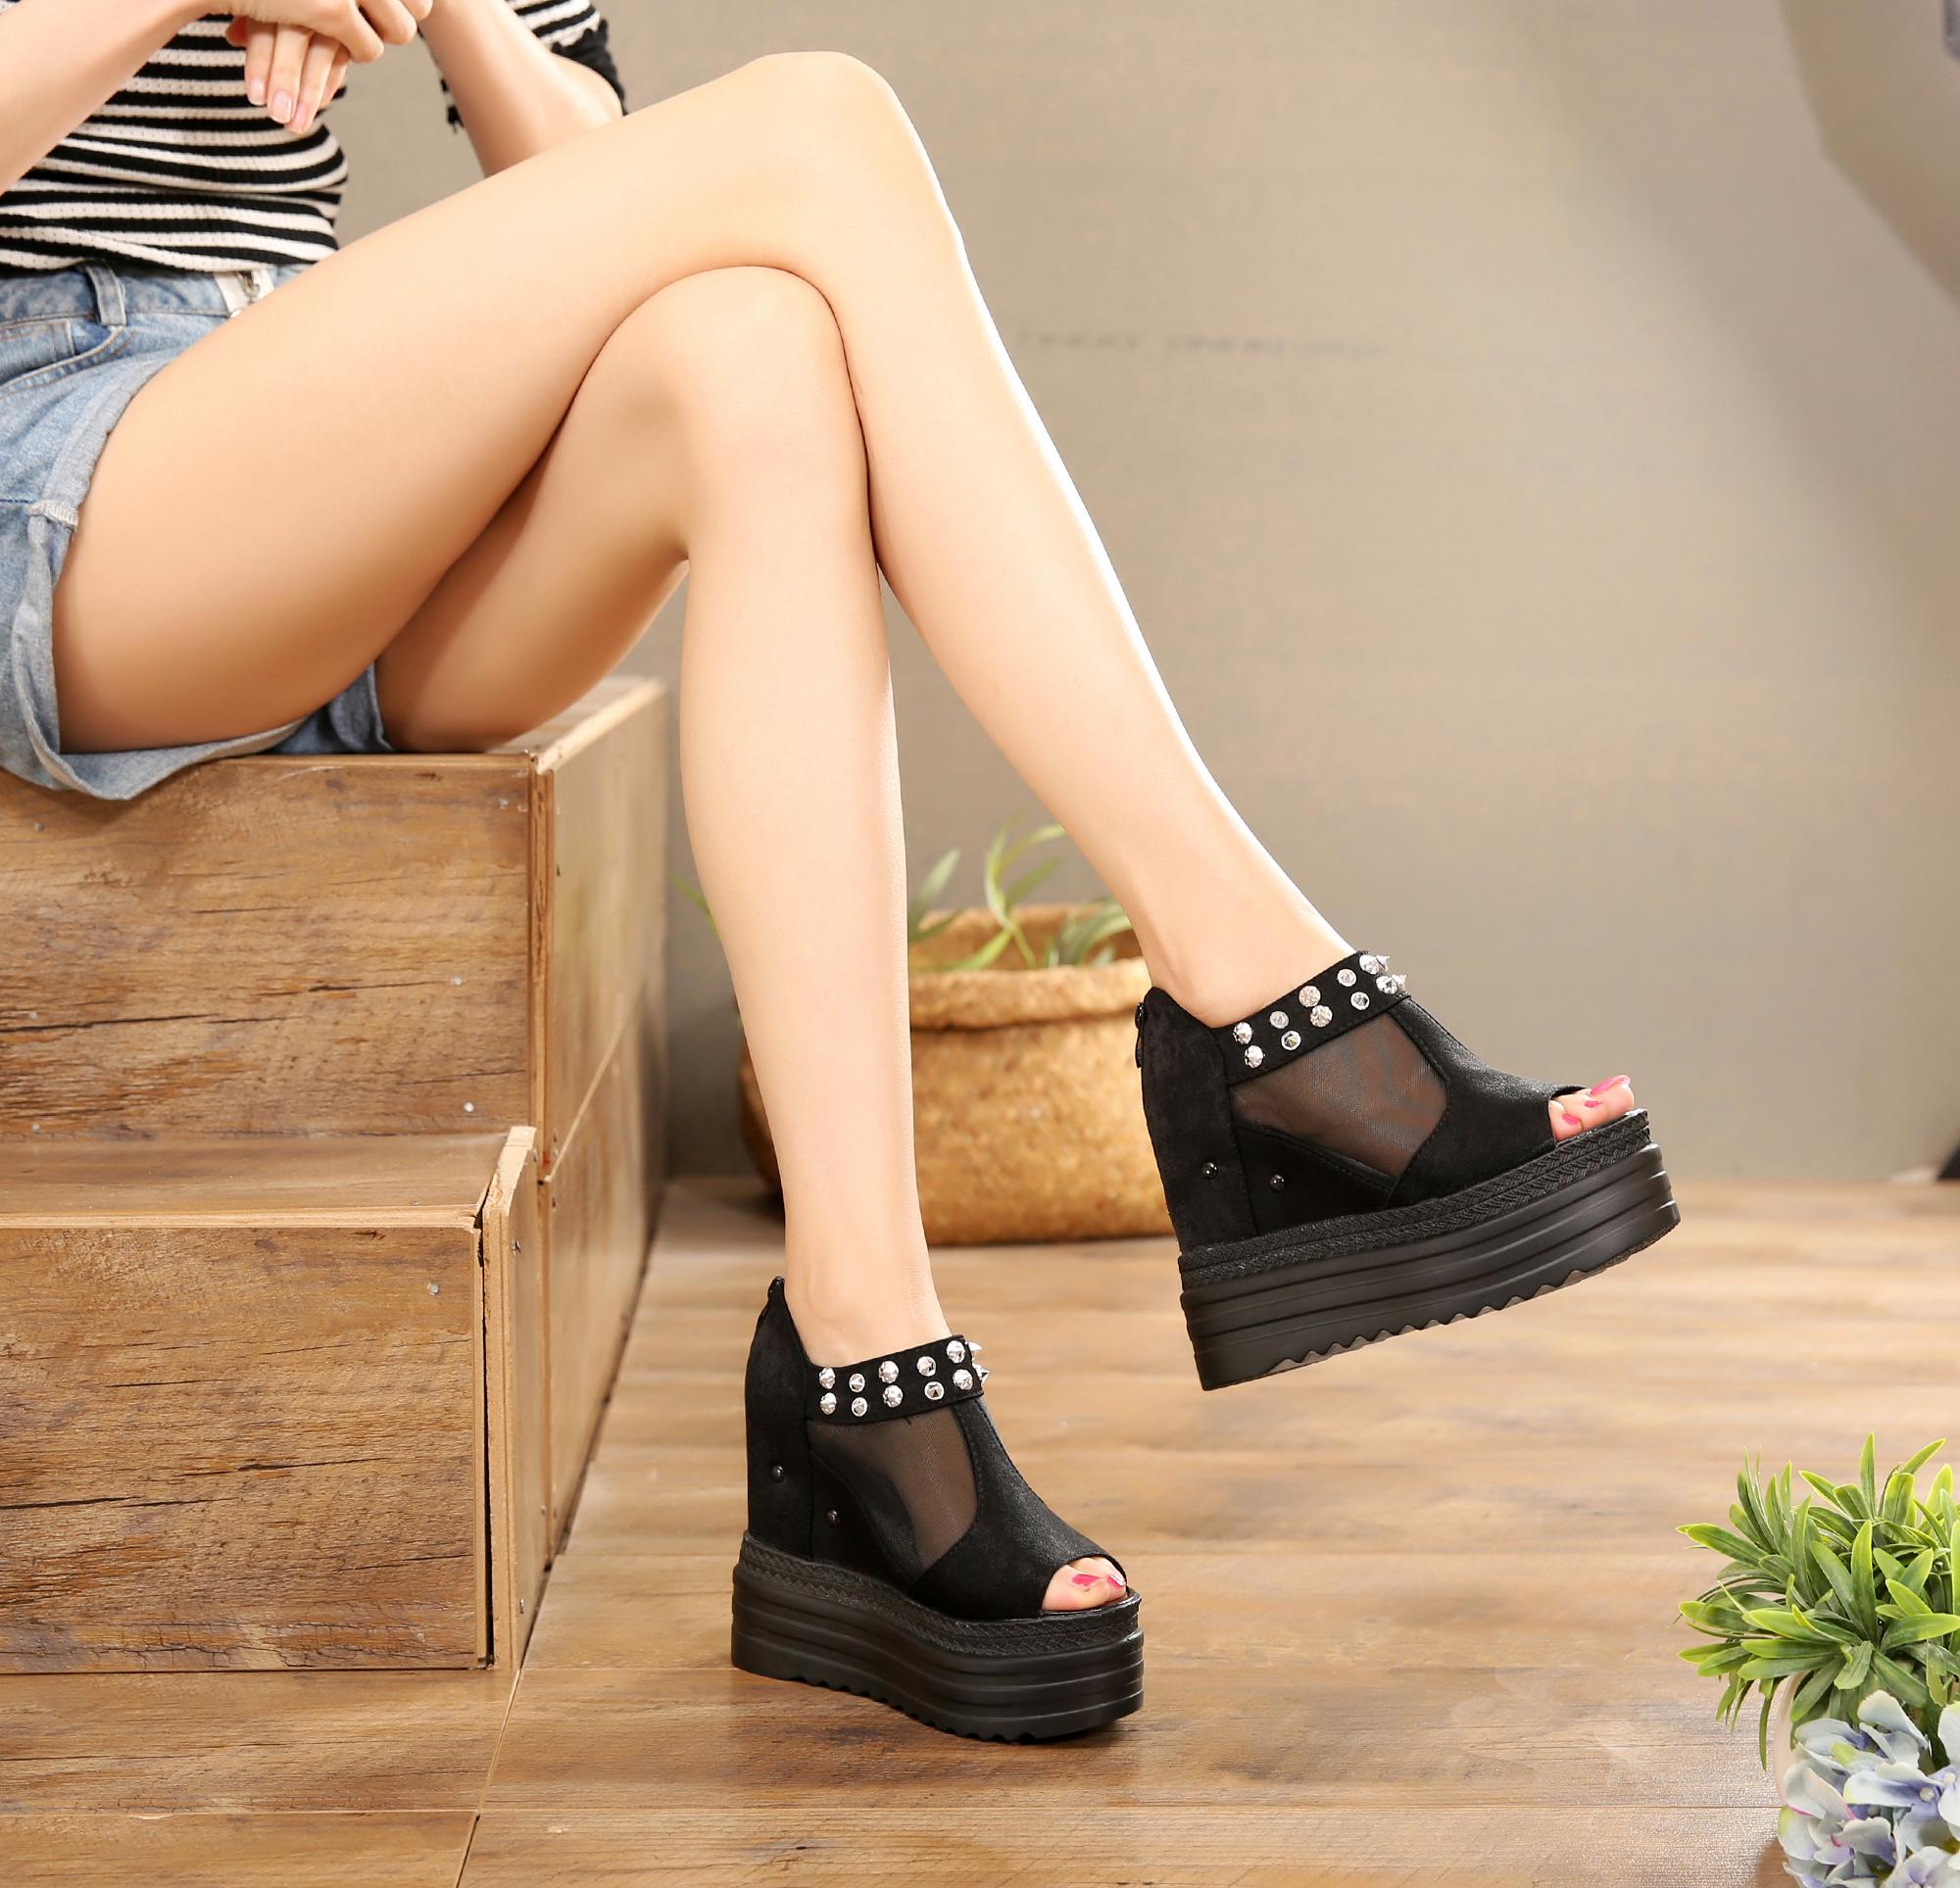 2021春夏新款高跟镂空鱼嘴靴12cm坡跟内增高松糕厚底罗马女凉鞋潮